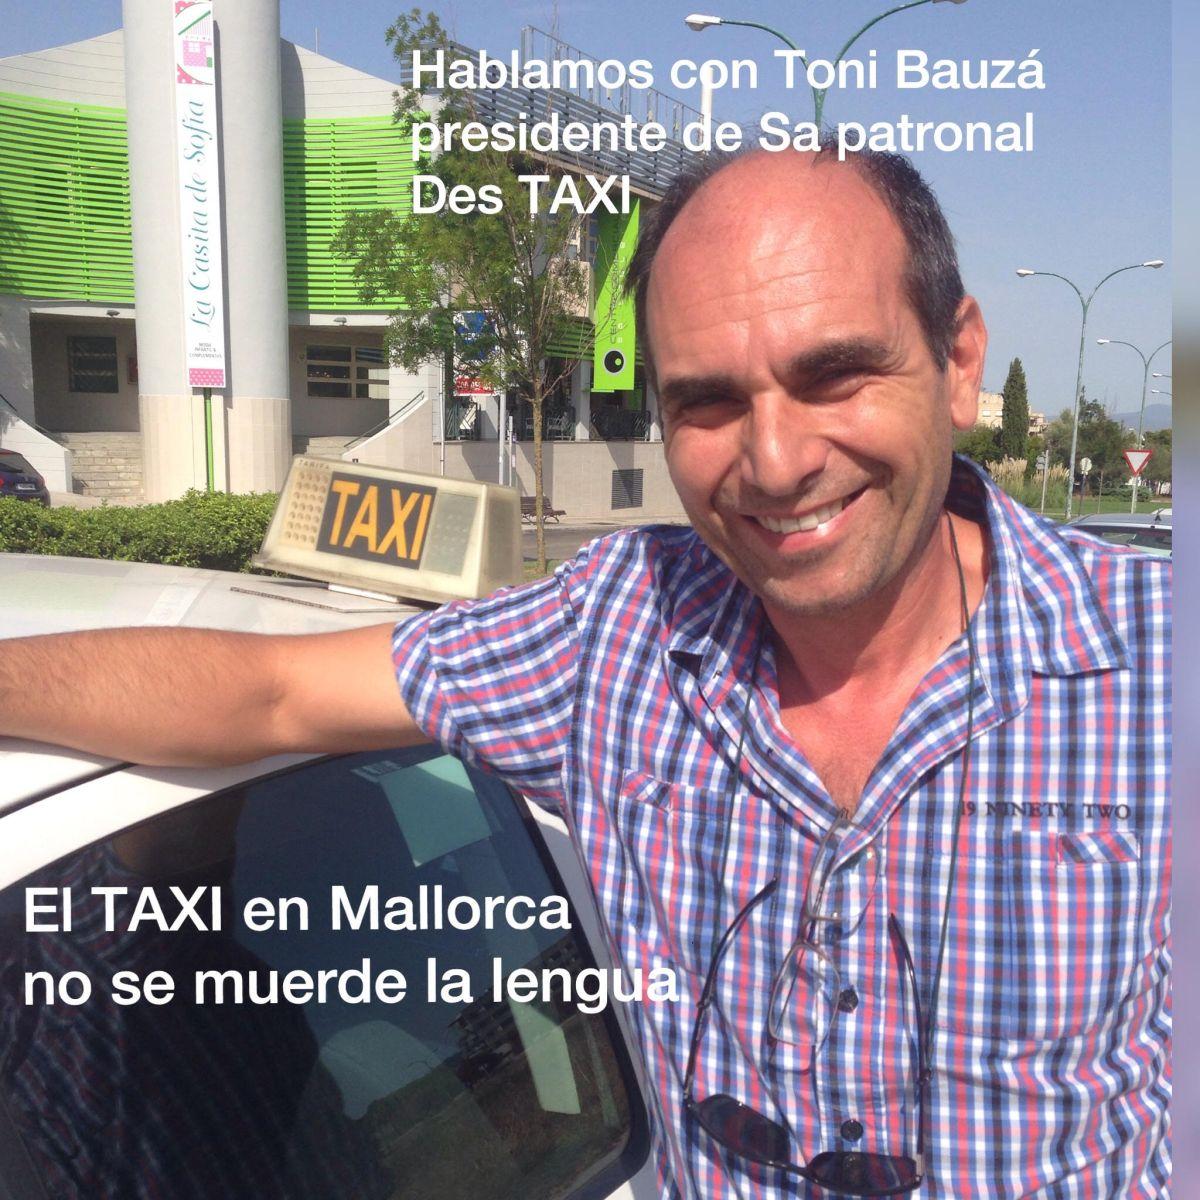 Todo lo que hay que decir del reto del Taxi en Mallorca.